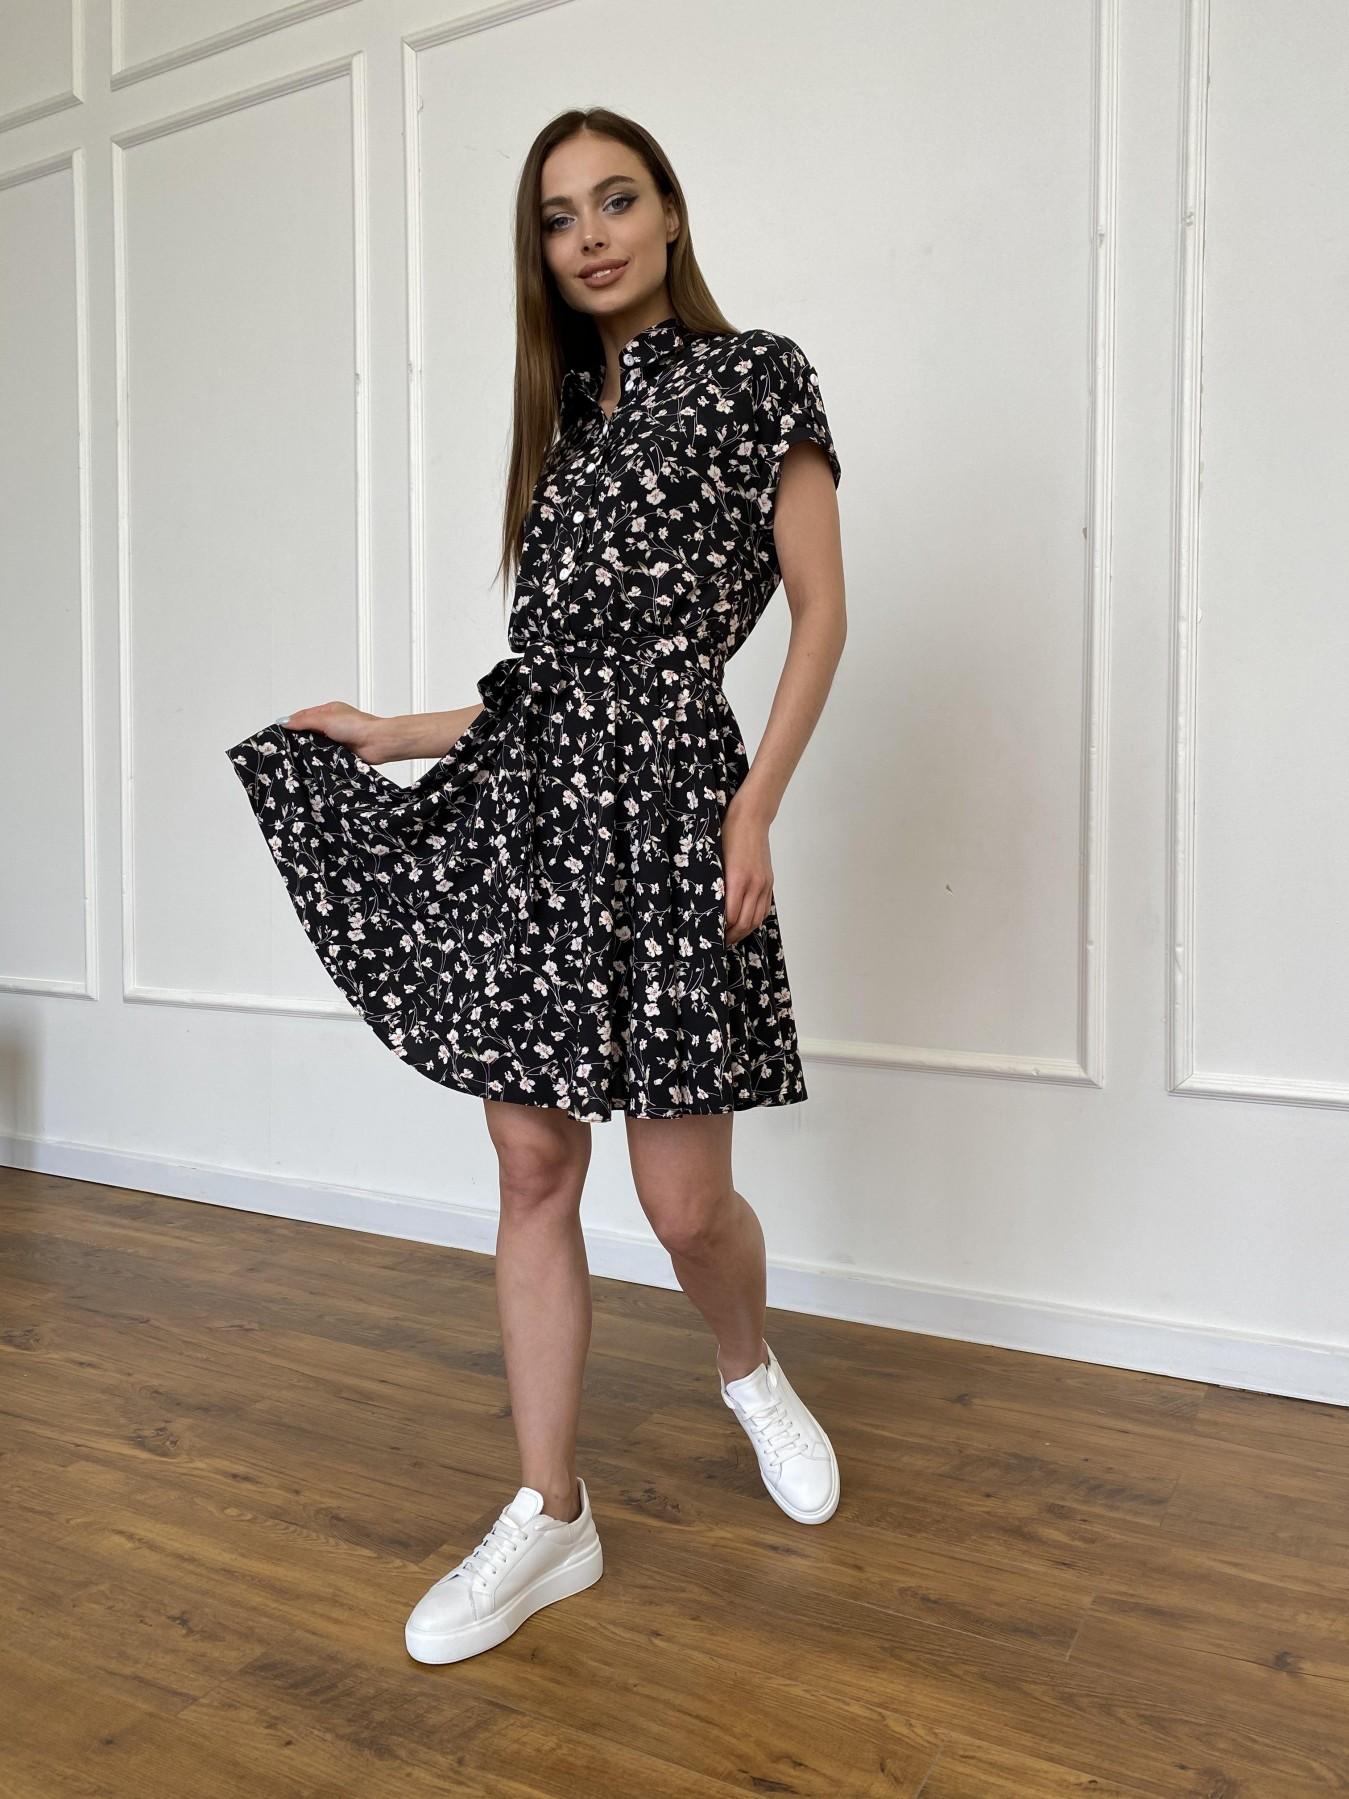 Санжар платье из ткани софт в принт 11215 АРТ. 47728 Цвет: Черный/молоко, Цветы - фото 4, интернет магазин tm-modus.ru